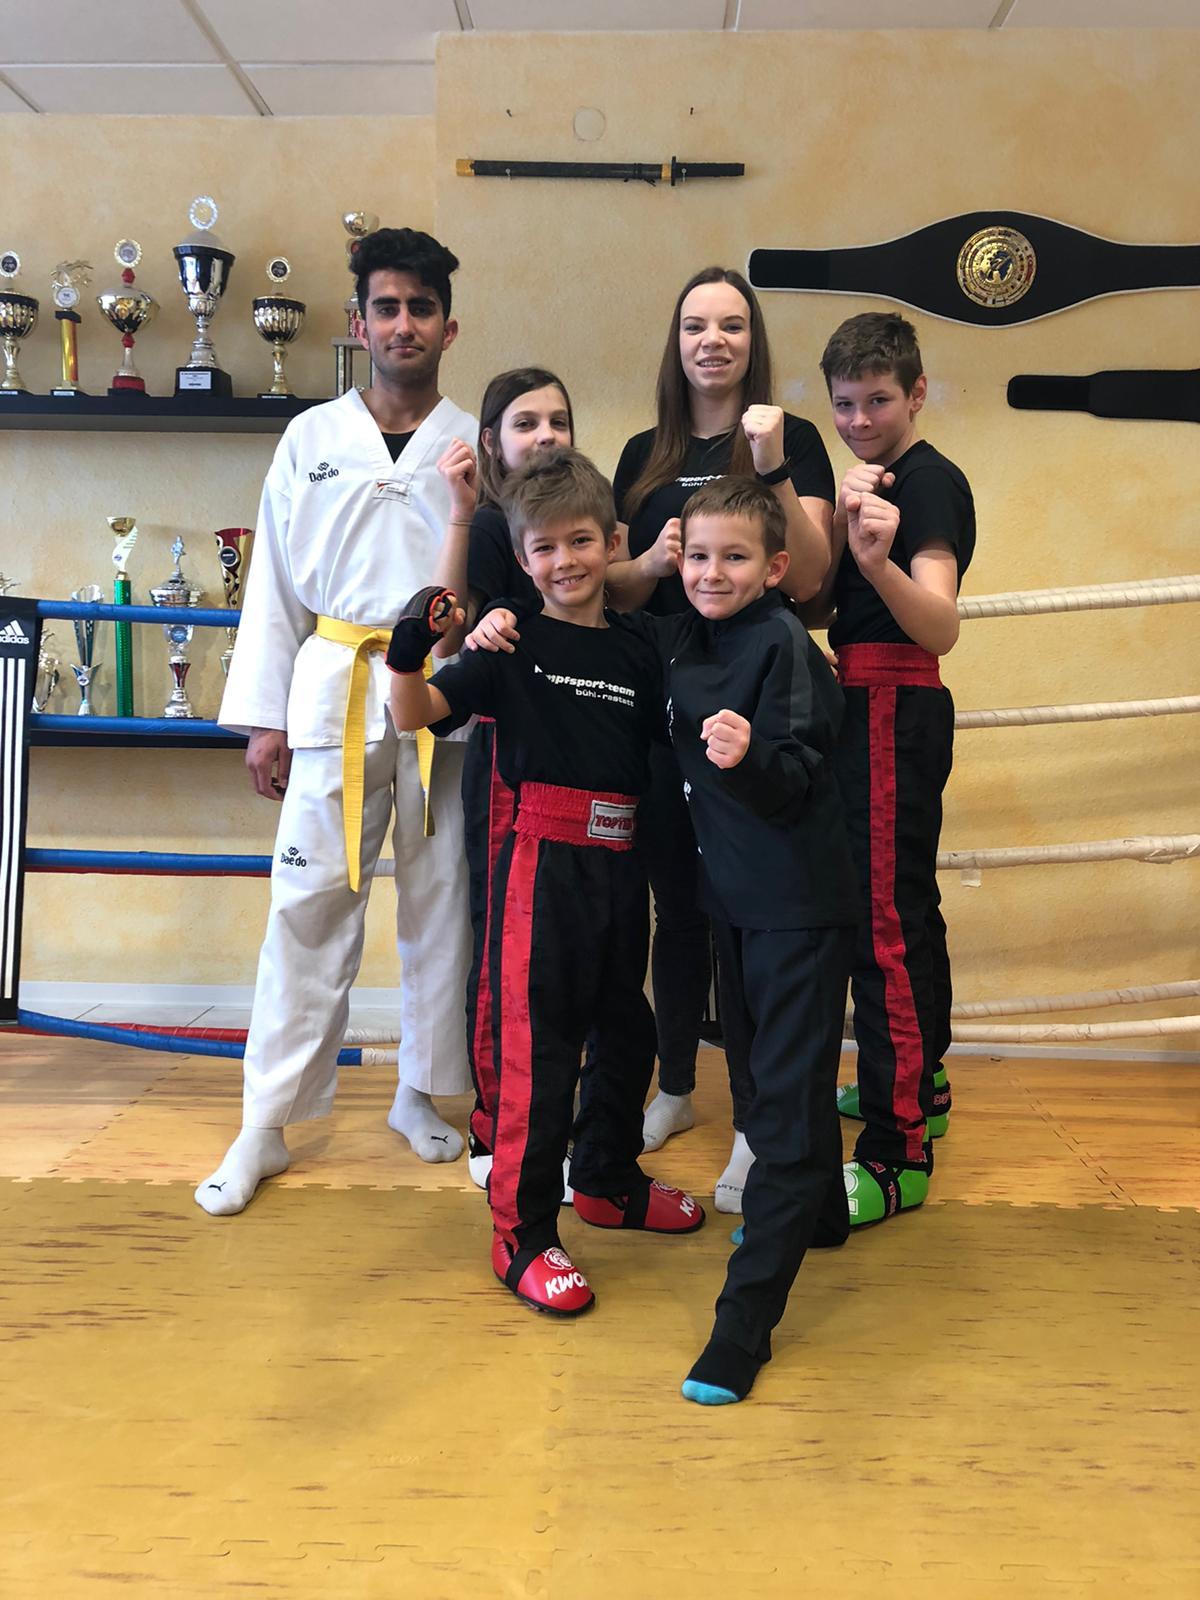 Offenburgcup Kickboxen 2020